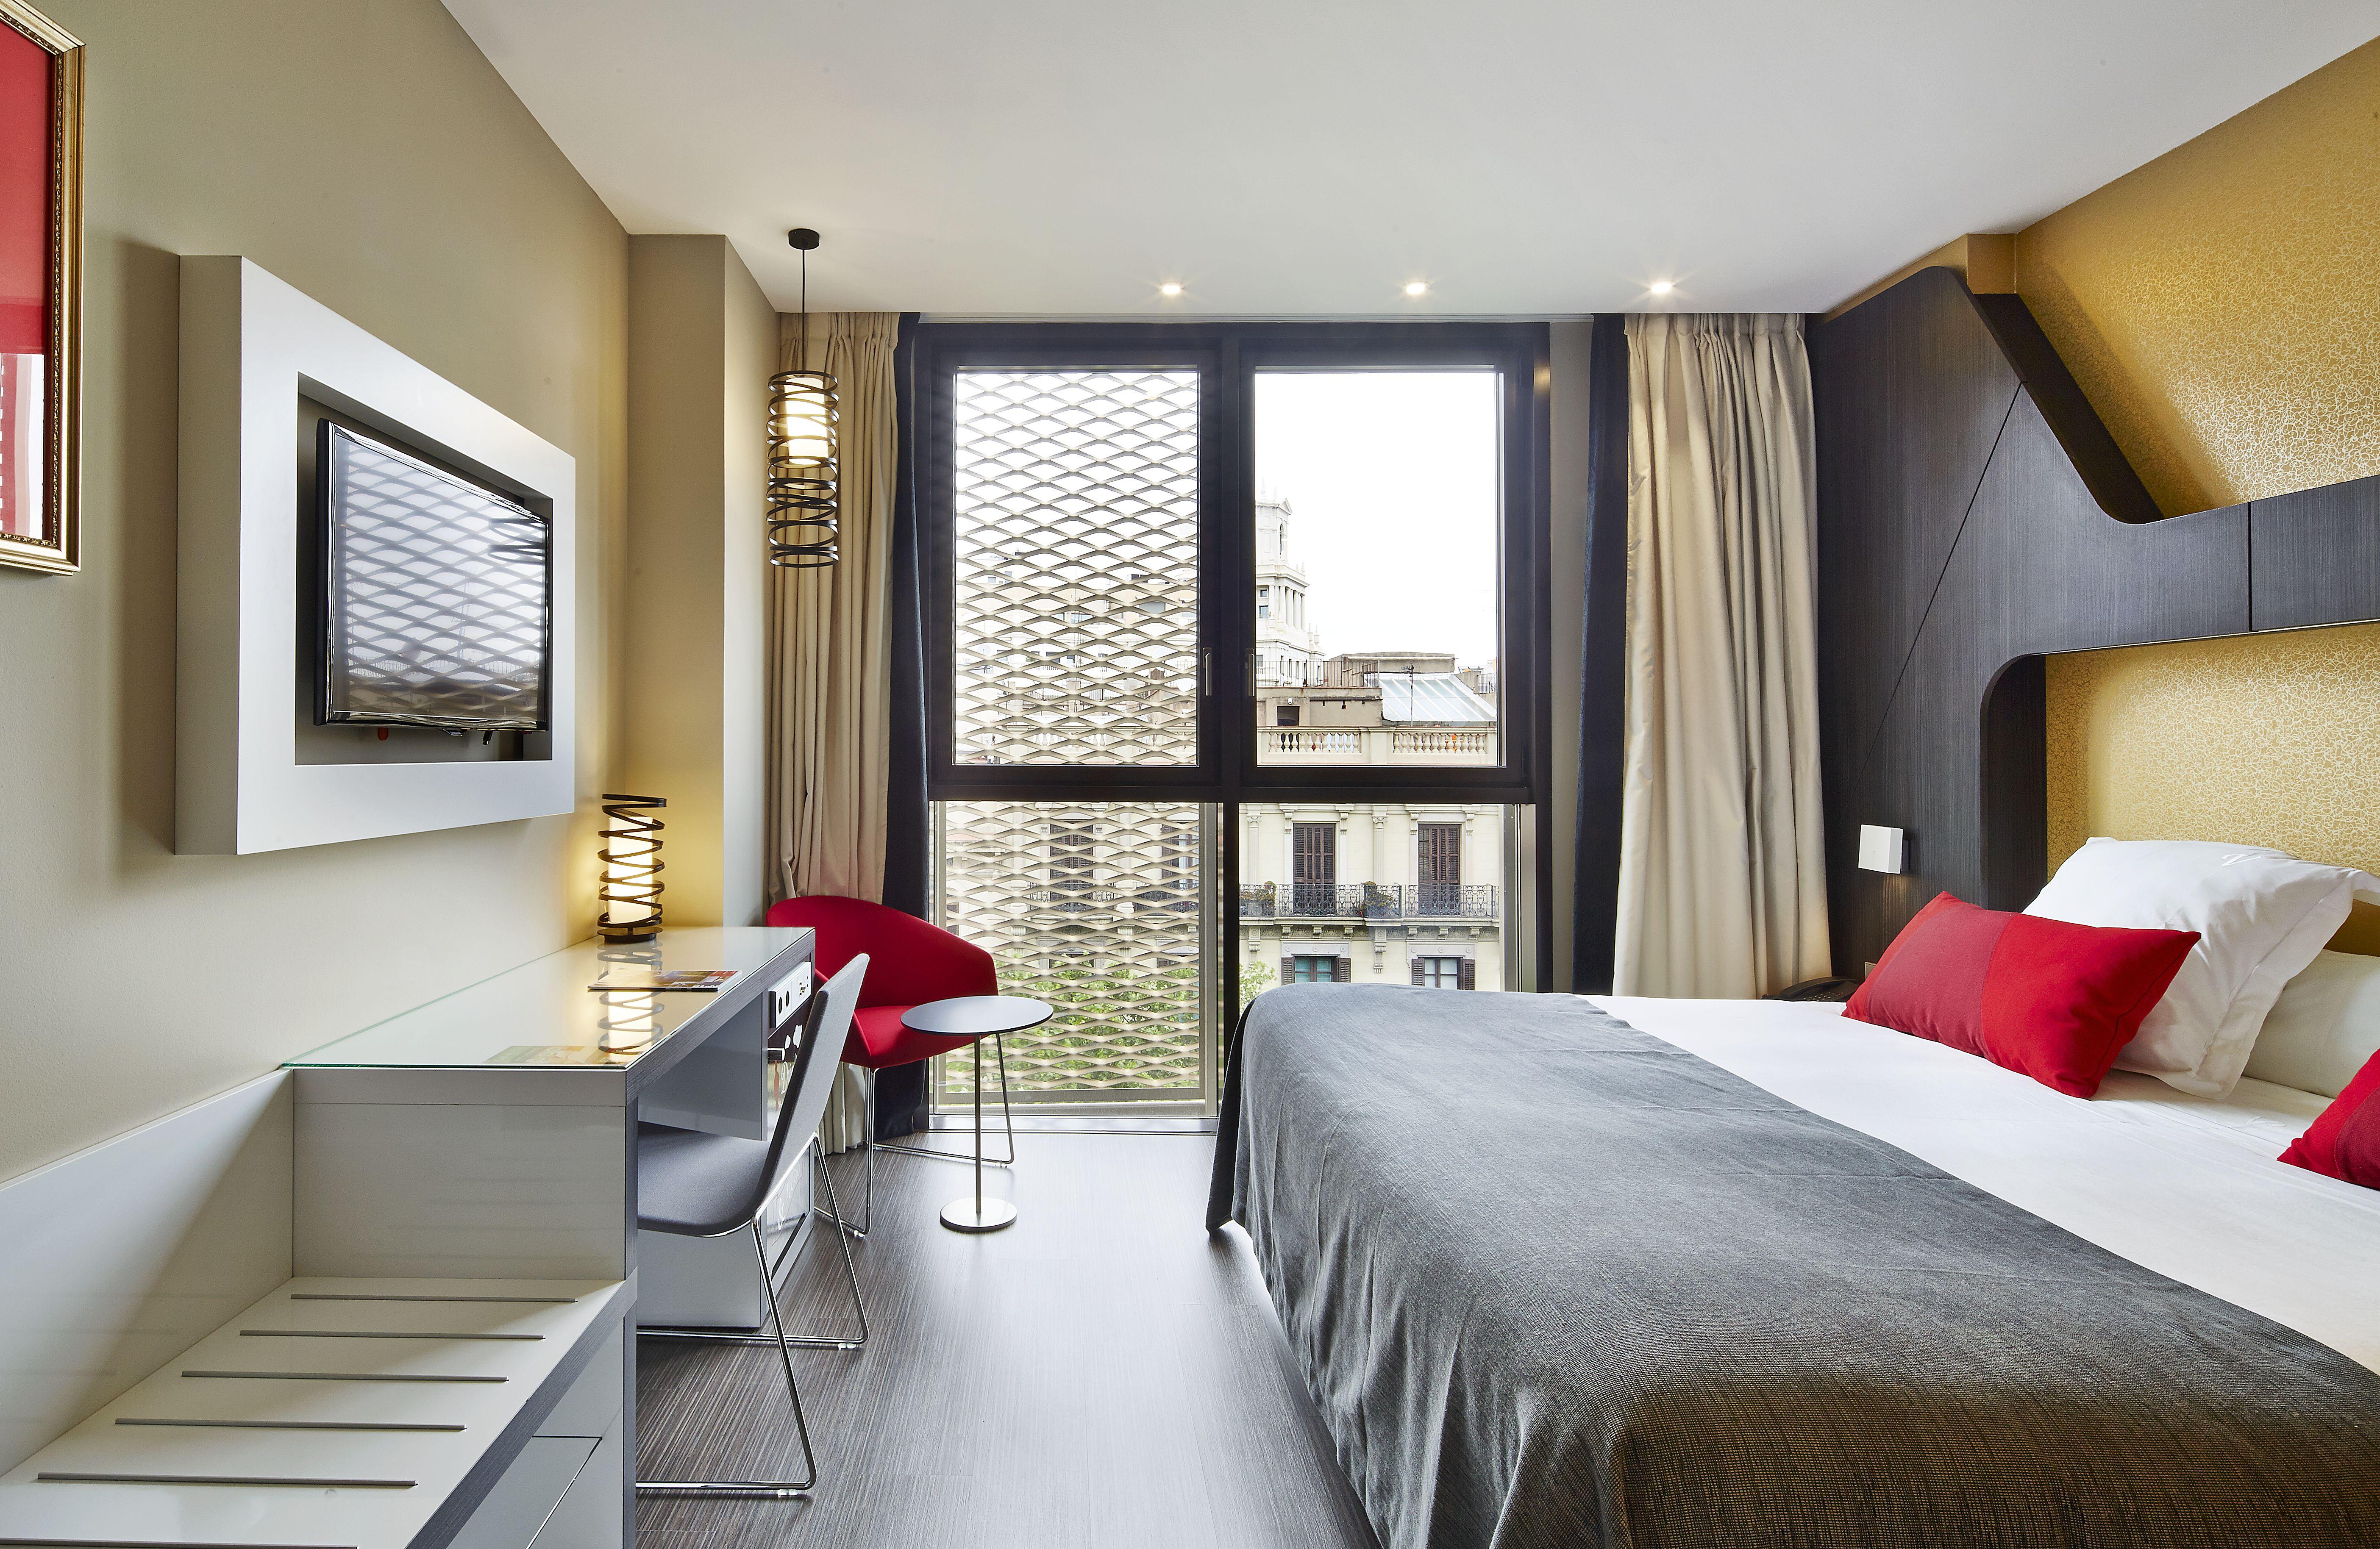 Vincci gala hotel en barcelona viajes el corte ingl s - Hotel vincci barcelona ...